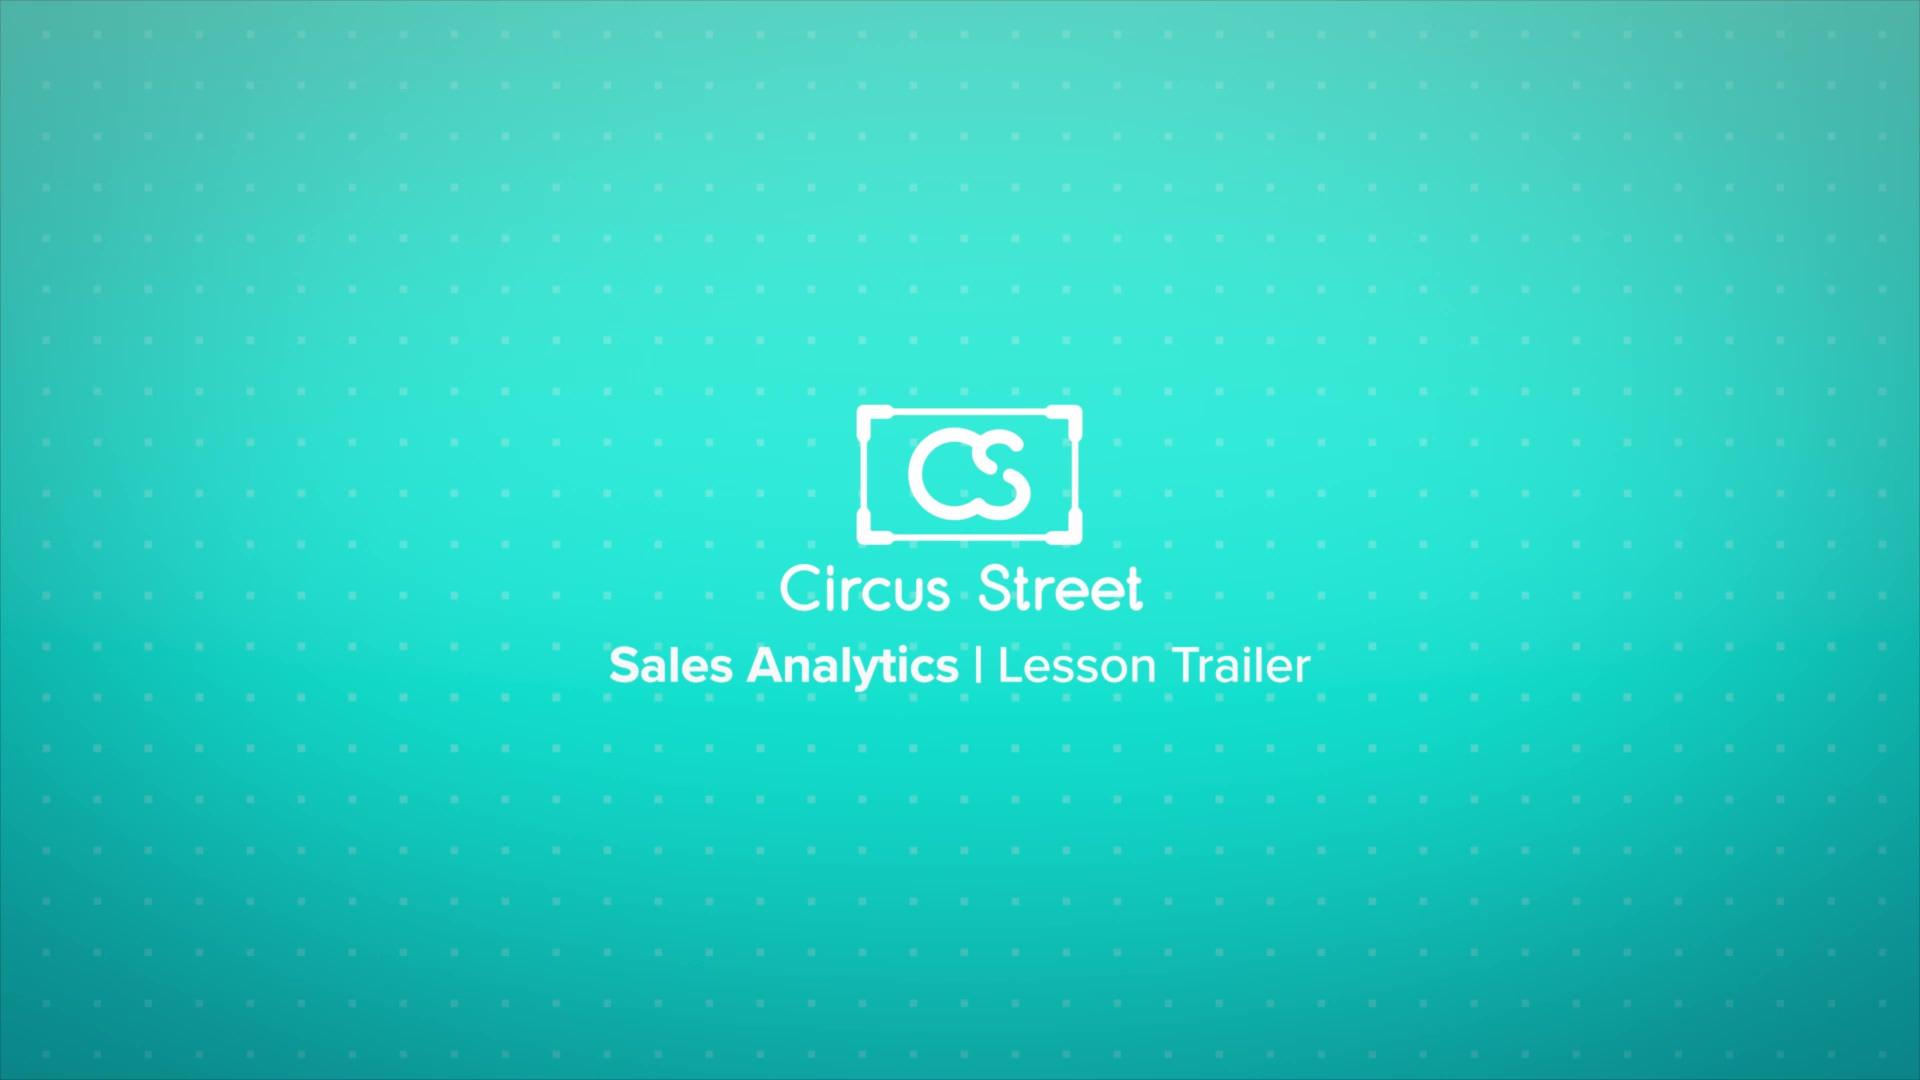 Sales Analytics Trailer